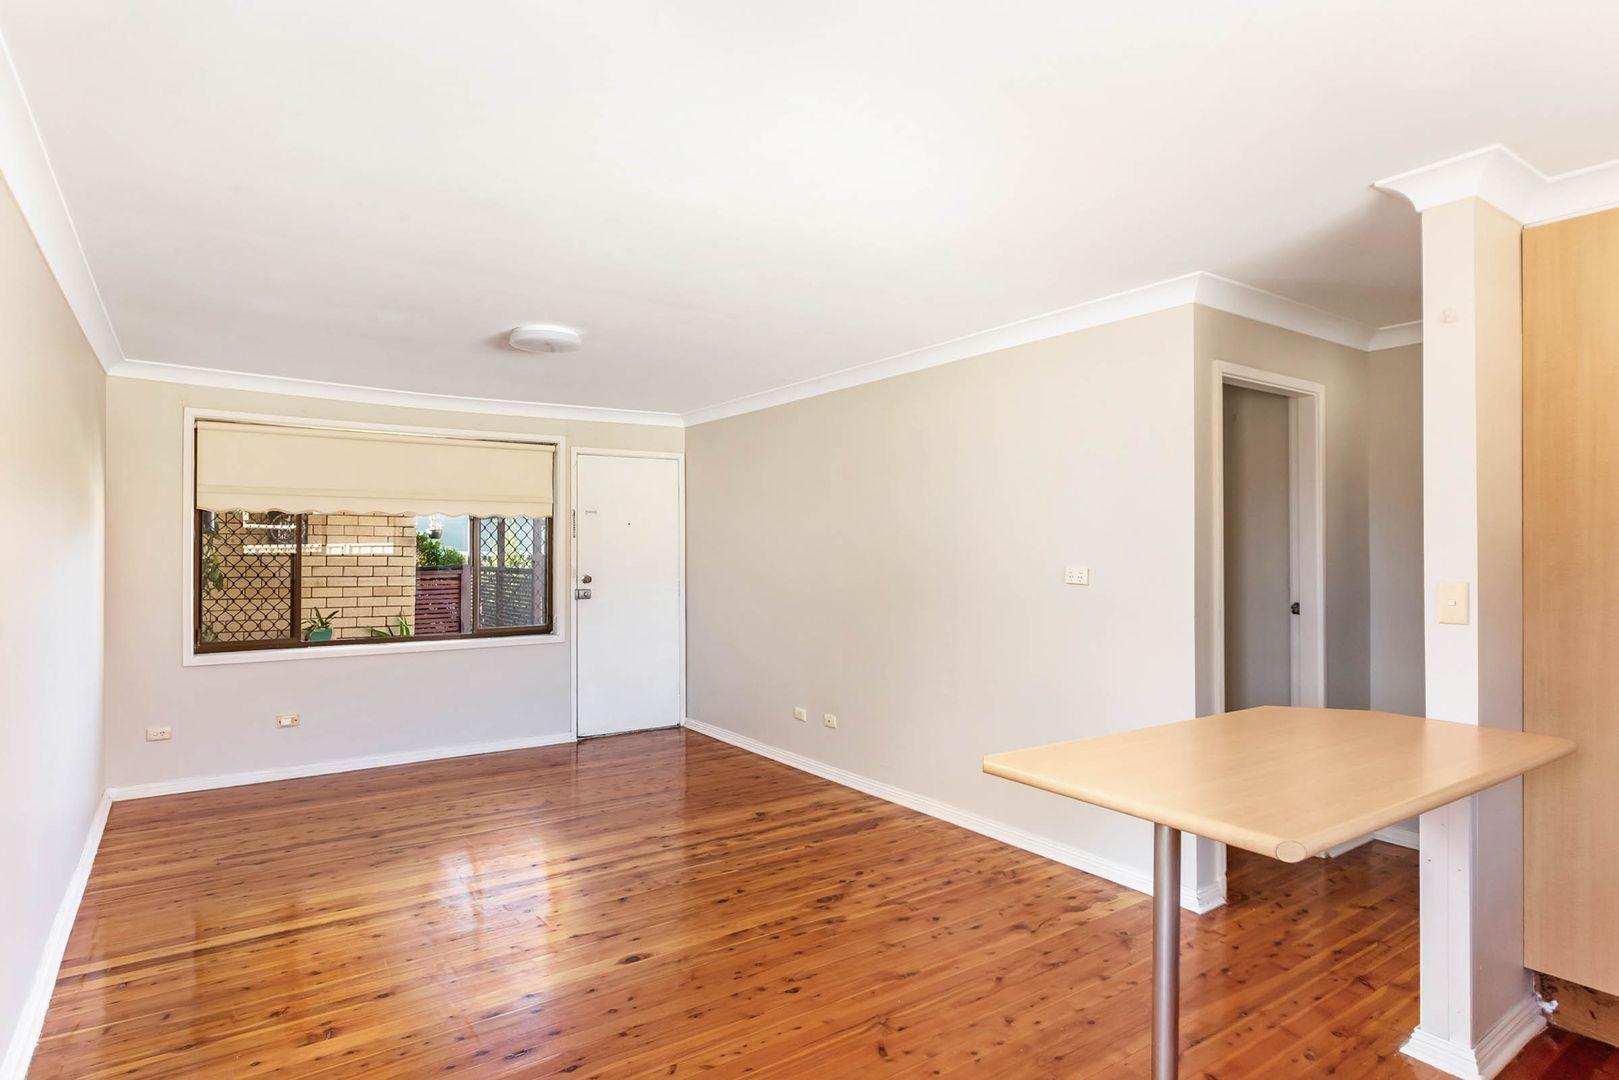 2/4 Lyne Street, Oak Flats NSW 2529, Image 1